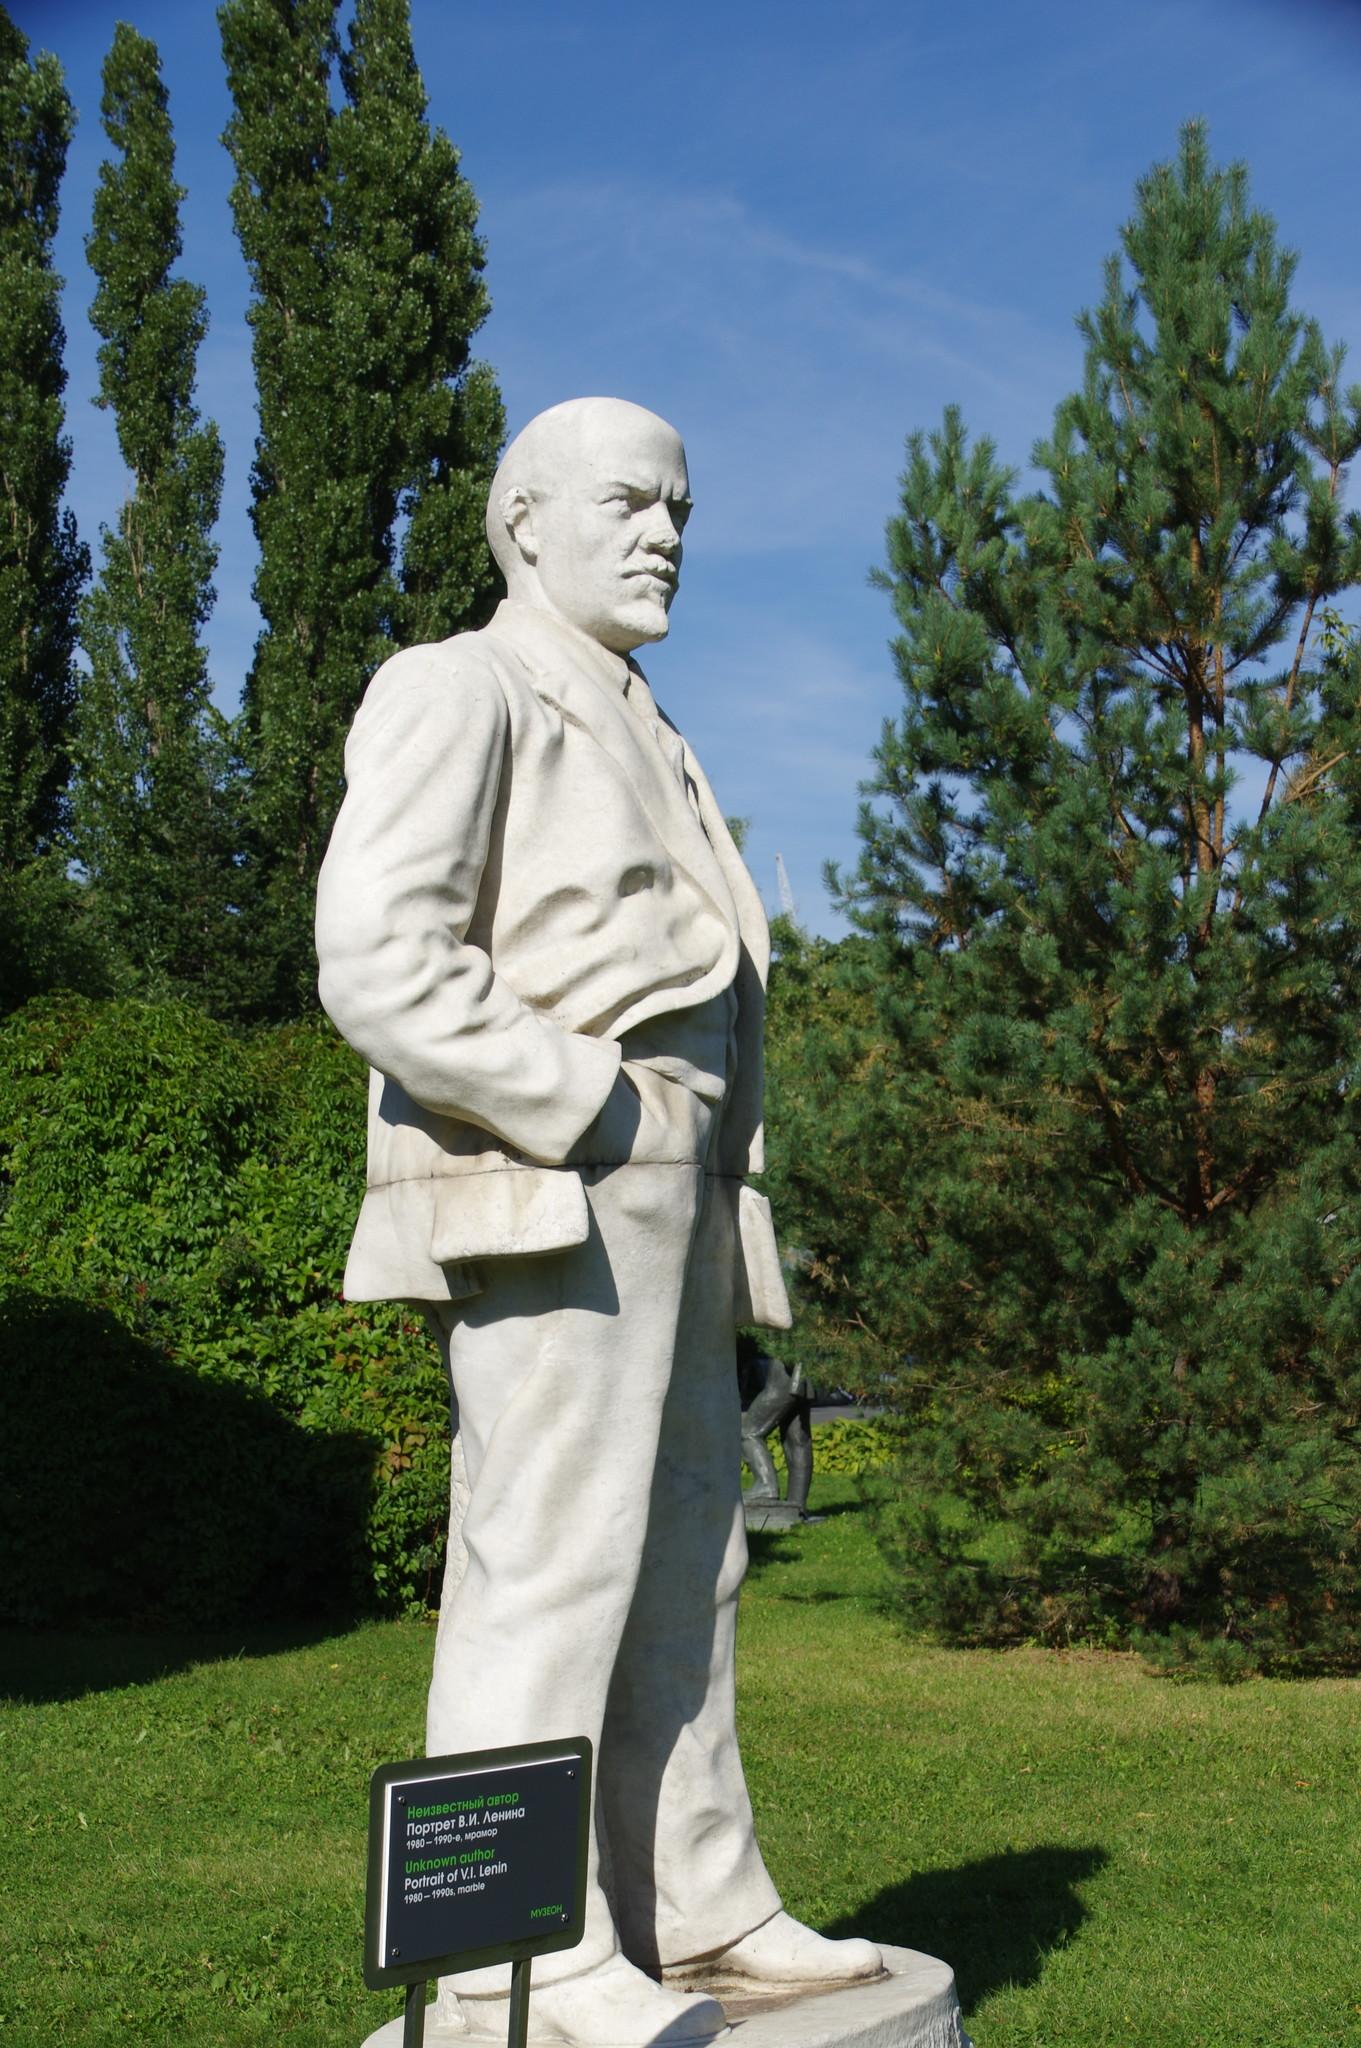 Портрет В.И. Ленина. Неизвестный автор. 1980-1990-е. Мрамор. Парк искусств «Музеон»